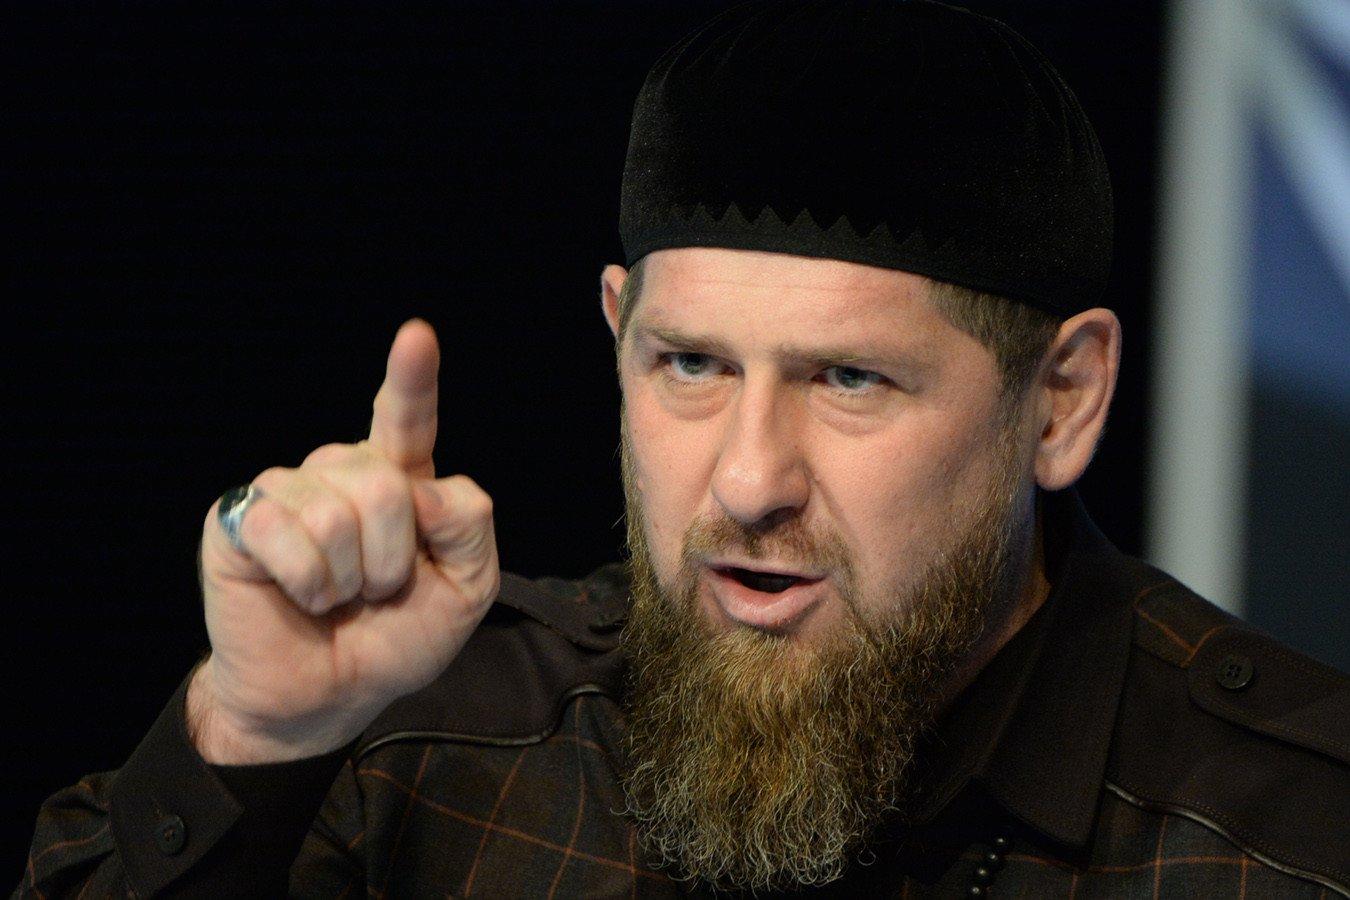 Рамзан Кадыров выбрал сильнейшего между Нурмагомедовым и Чимаевым